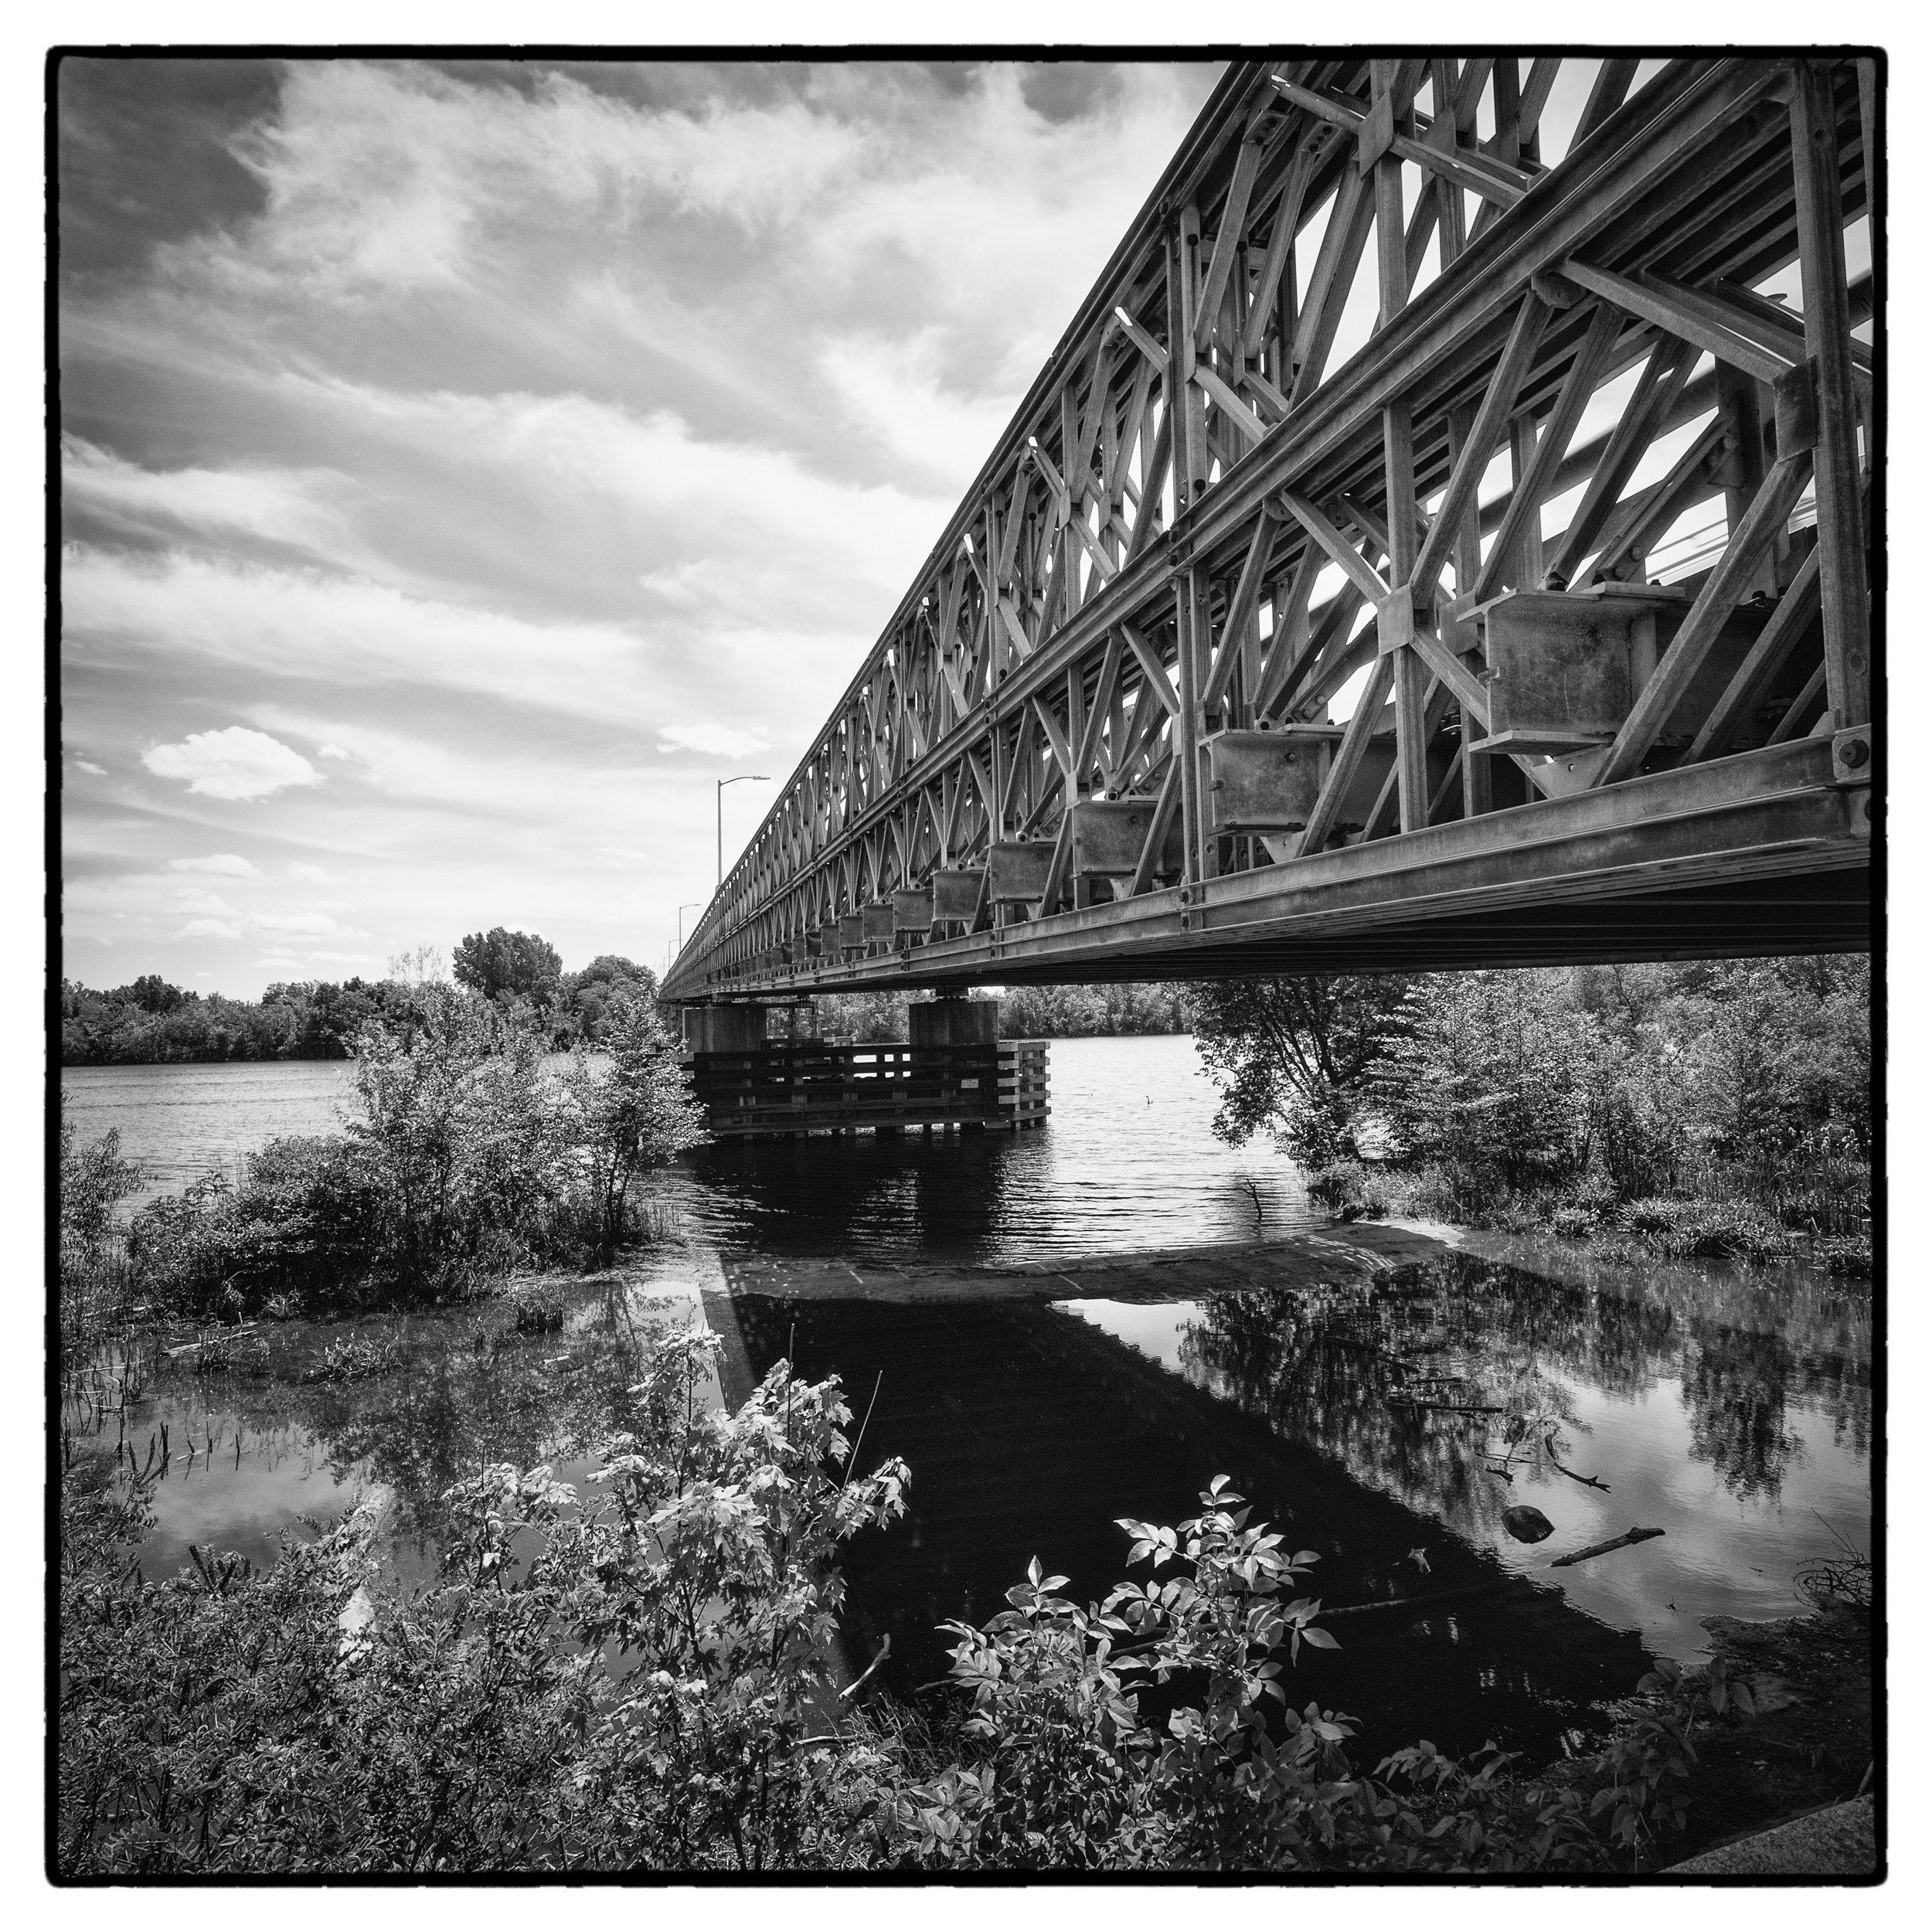 Rourke_Bridge_1_V1_2017_Jeff_Caplan.jpg